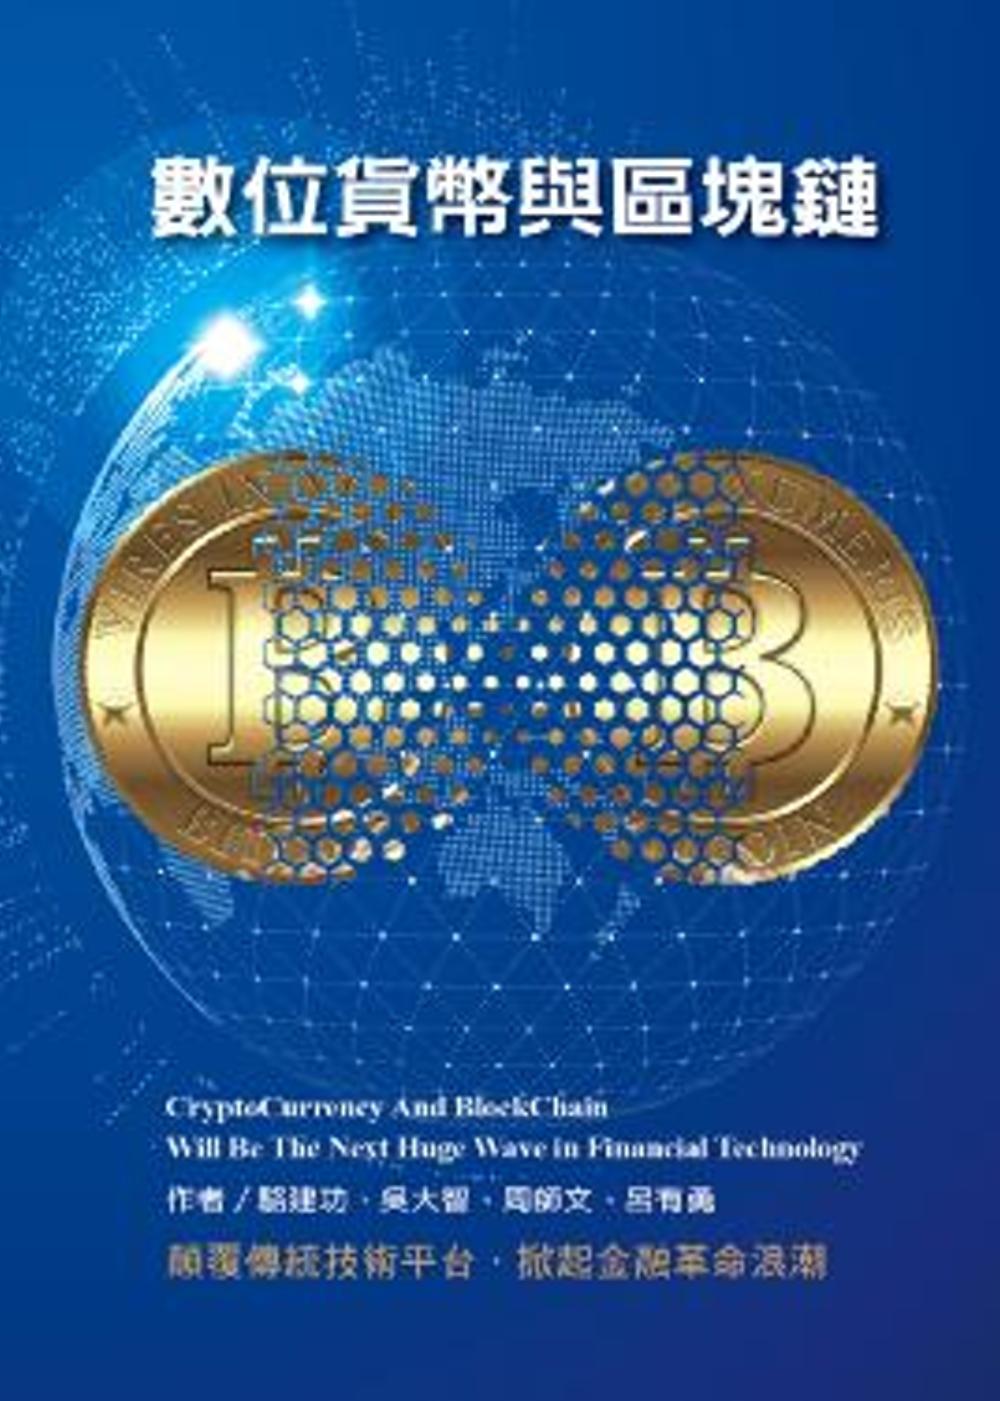 數位貨幣與區塊鏈